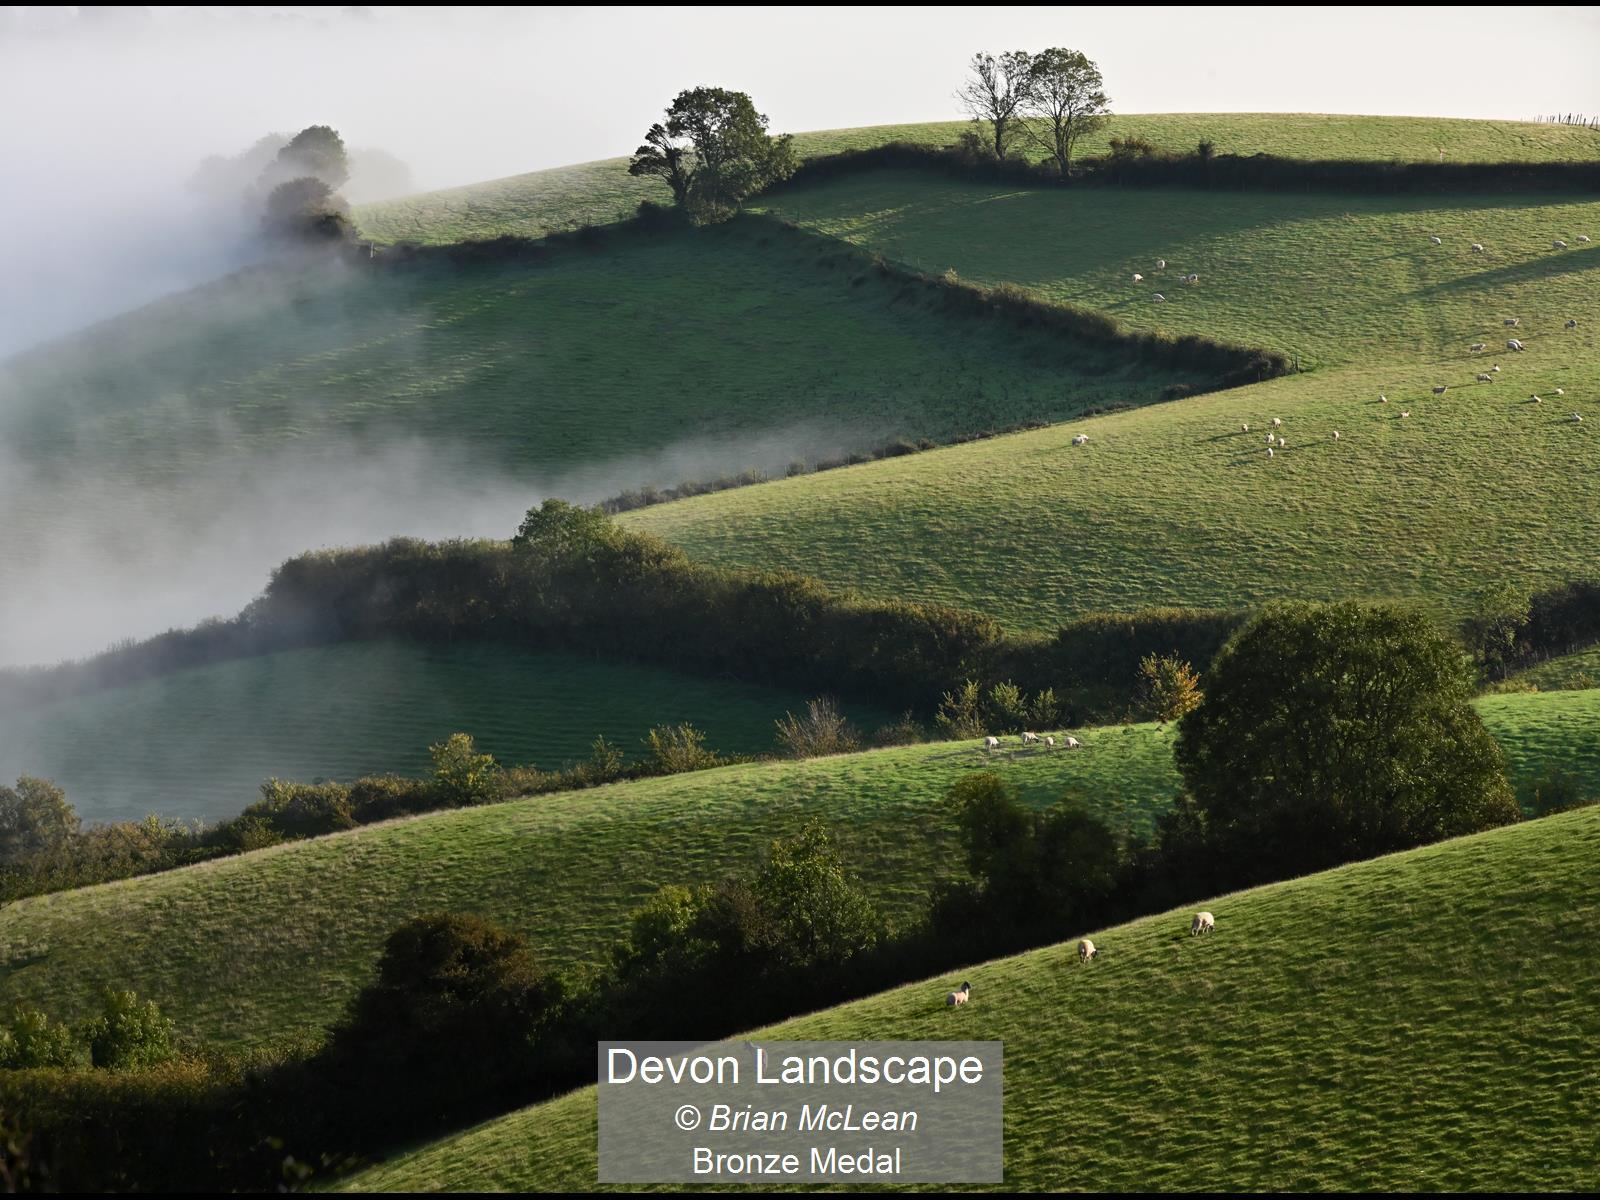 Devon Landscape_Brian McLean_Bronze